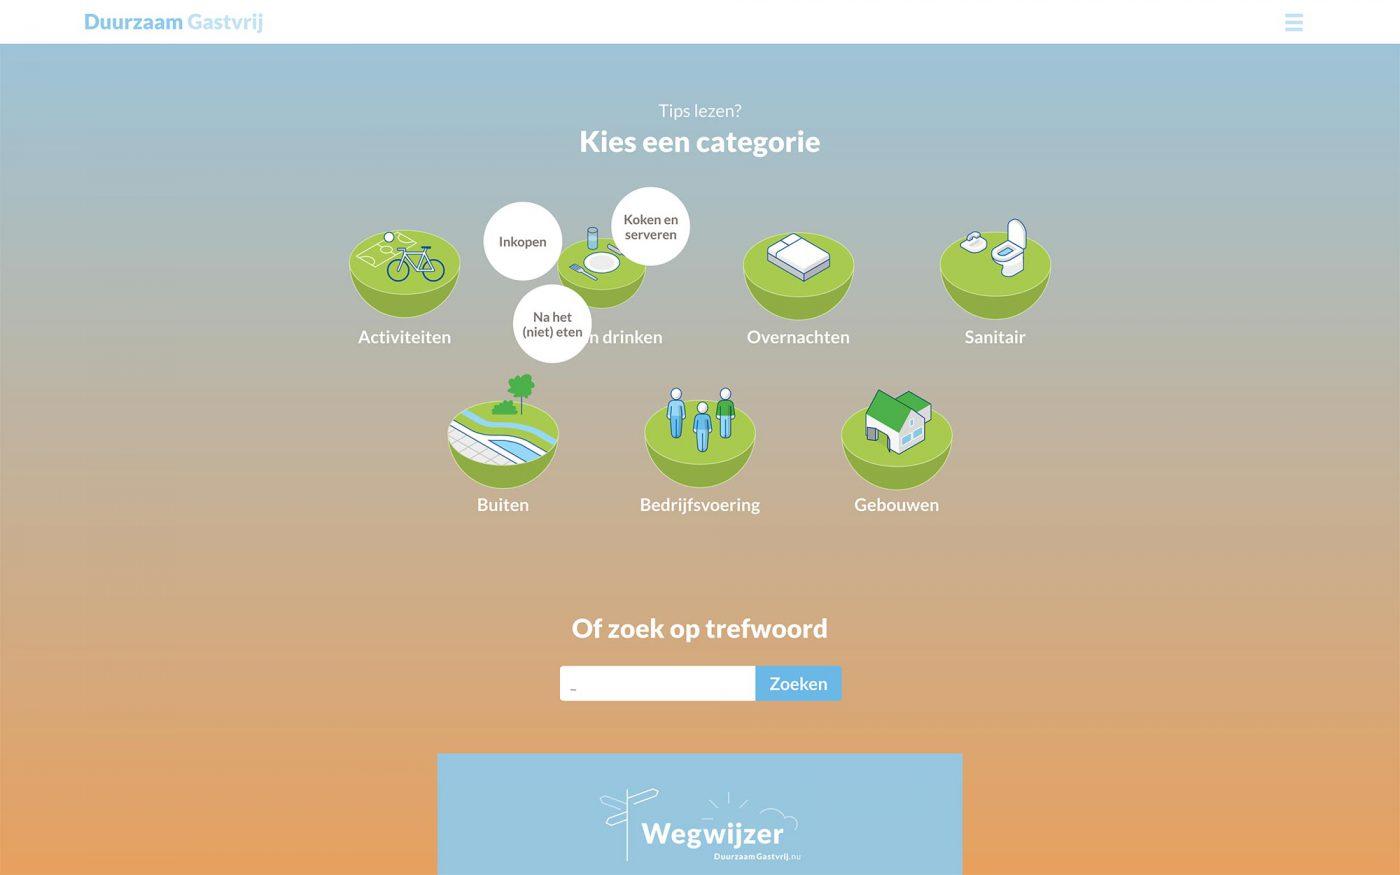 Duurzaam Gastvrij website Een Gezond Leisureklimaat JAgd ontwerp 2